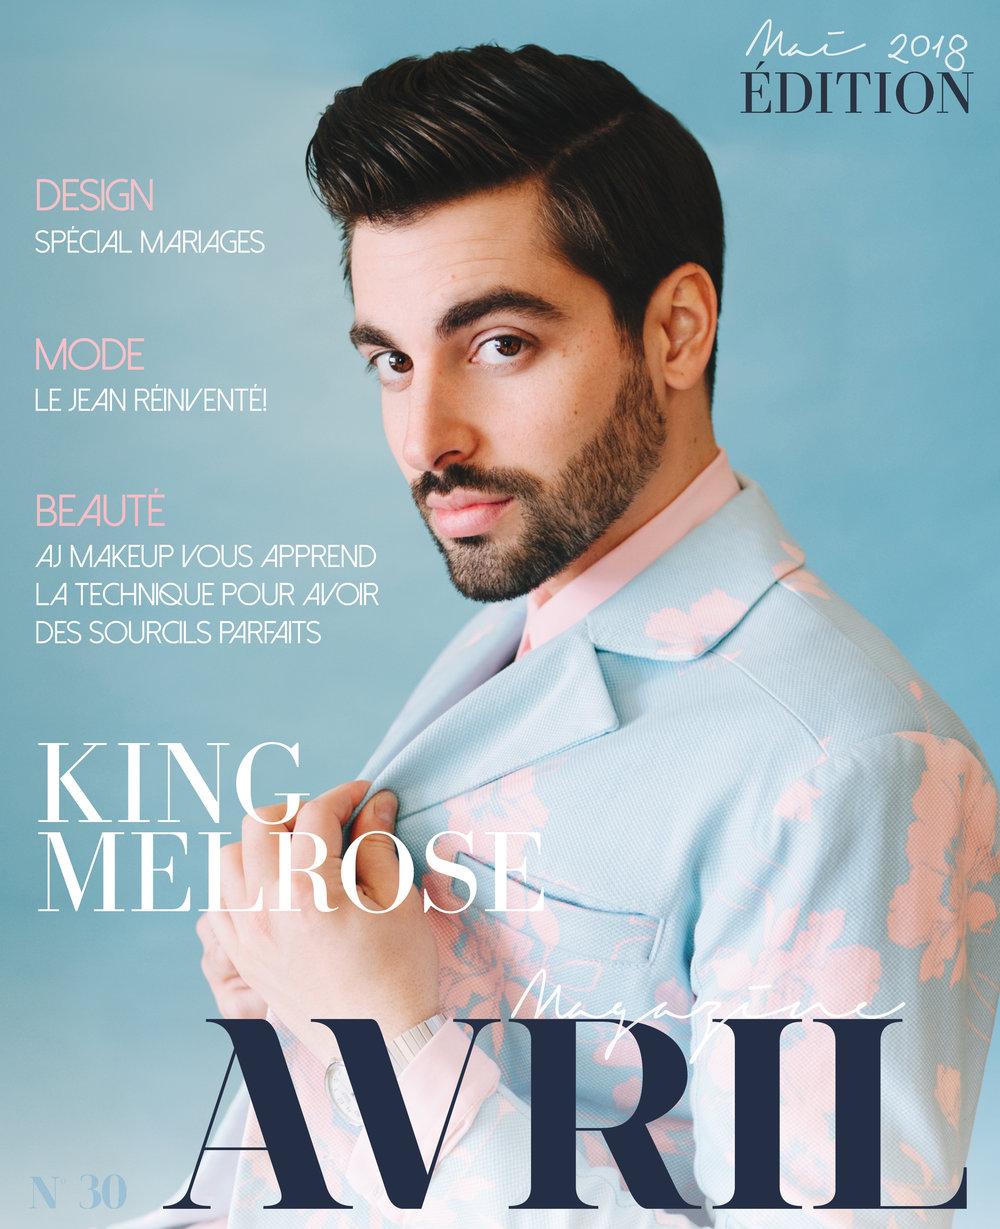 Cover-AvrilMagazine-KingMelrose-mai2018.jpg